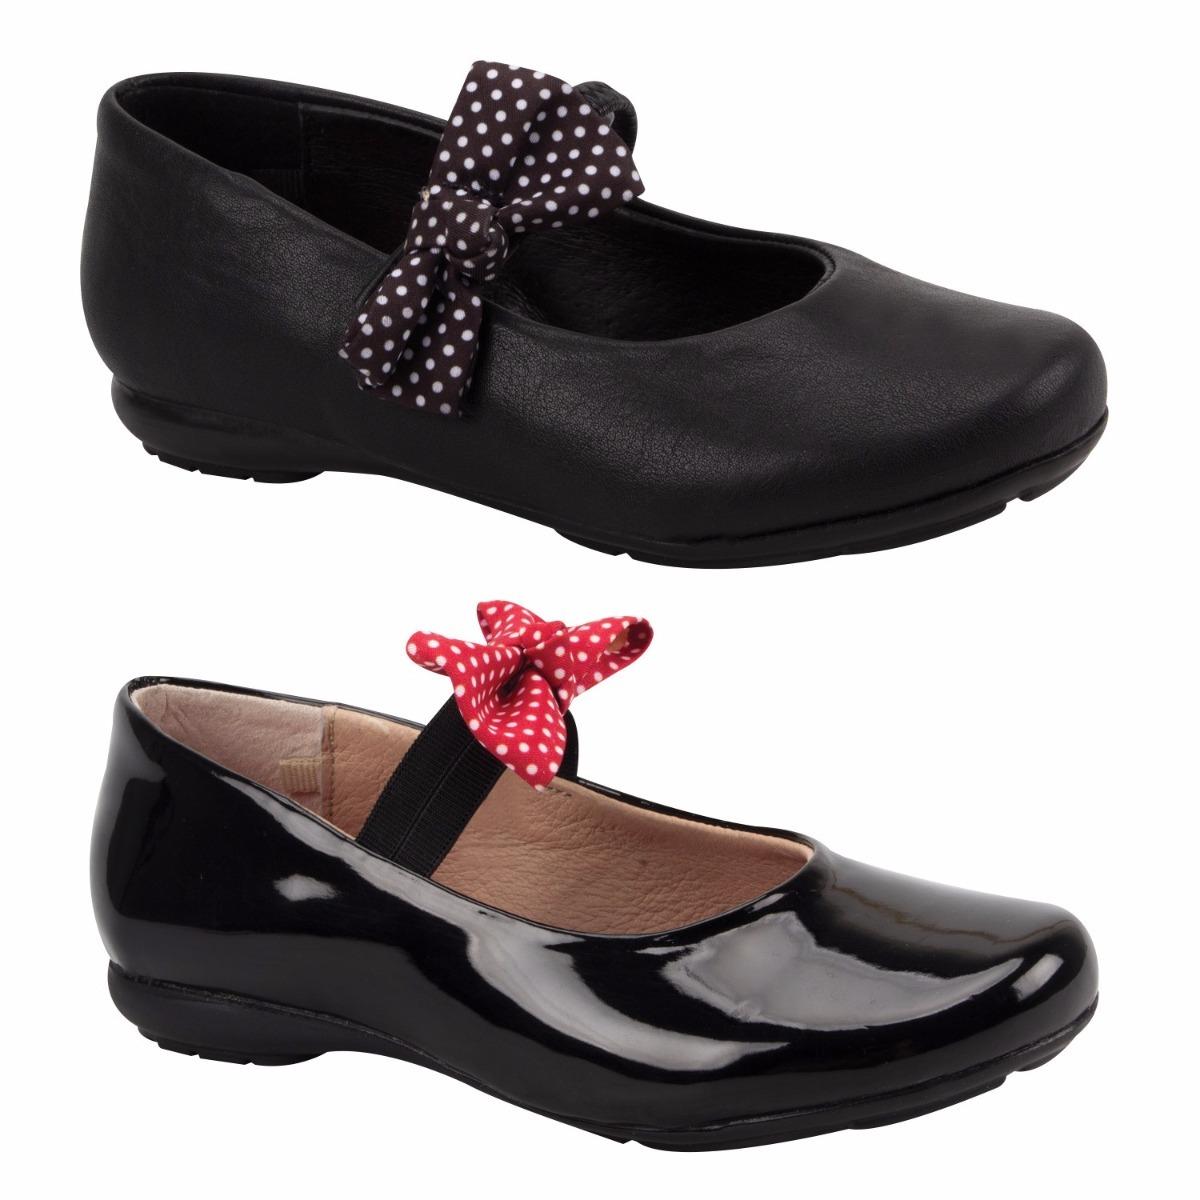 d6ad59b7 Kit 2 Pares Zapato Escolar Casual Para Niña Moda 2017 - $ 690.00 en ...